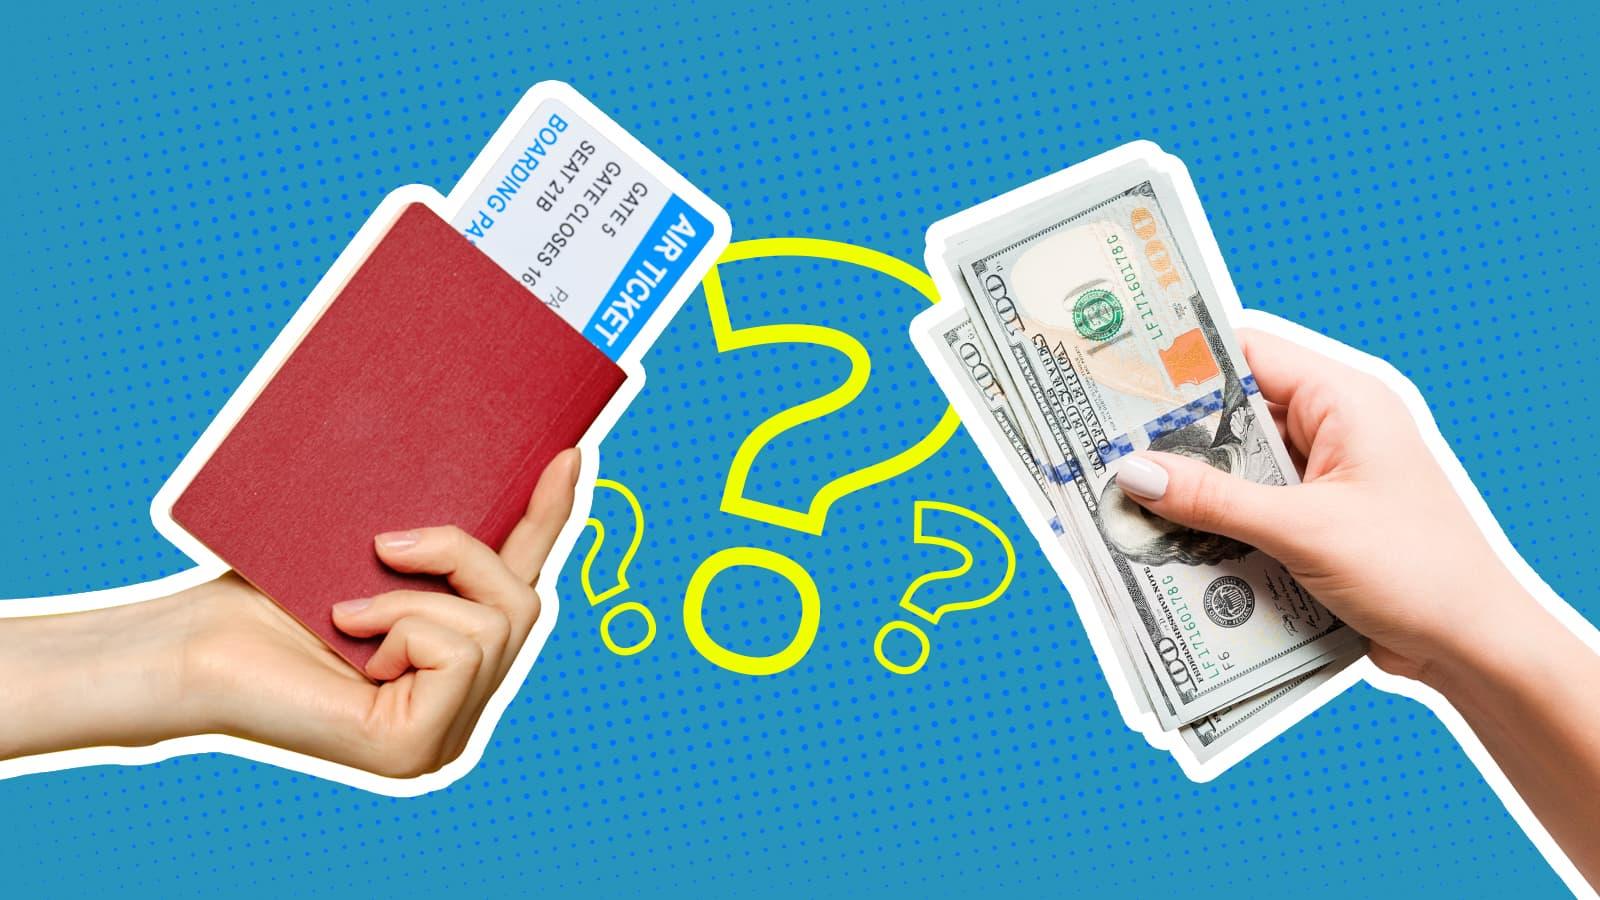 Турфирма не возвращает деньги? Как вернуть деньги за путевку.